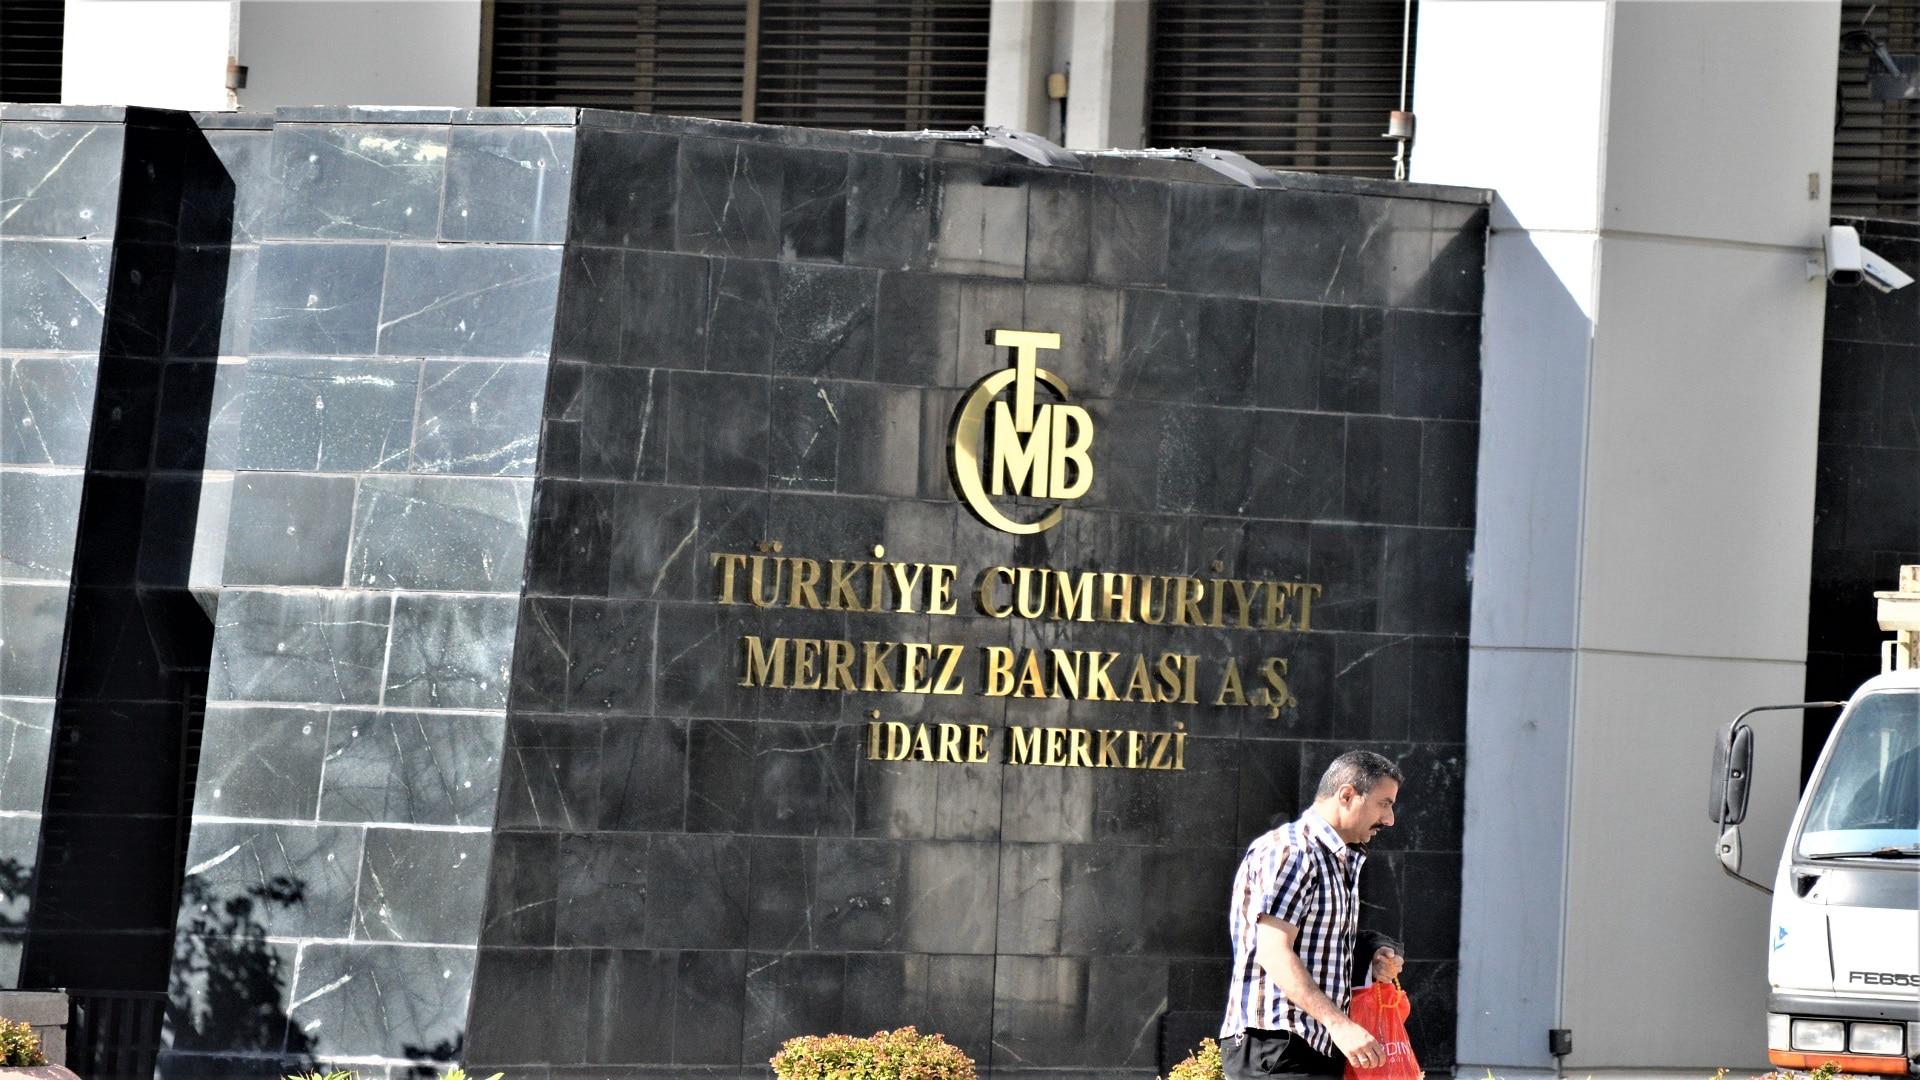 لماذا أقال رجب طيب أردوغان نائب محافظ البنك المركزي في هذا التوقيت؟!